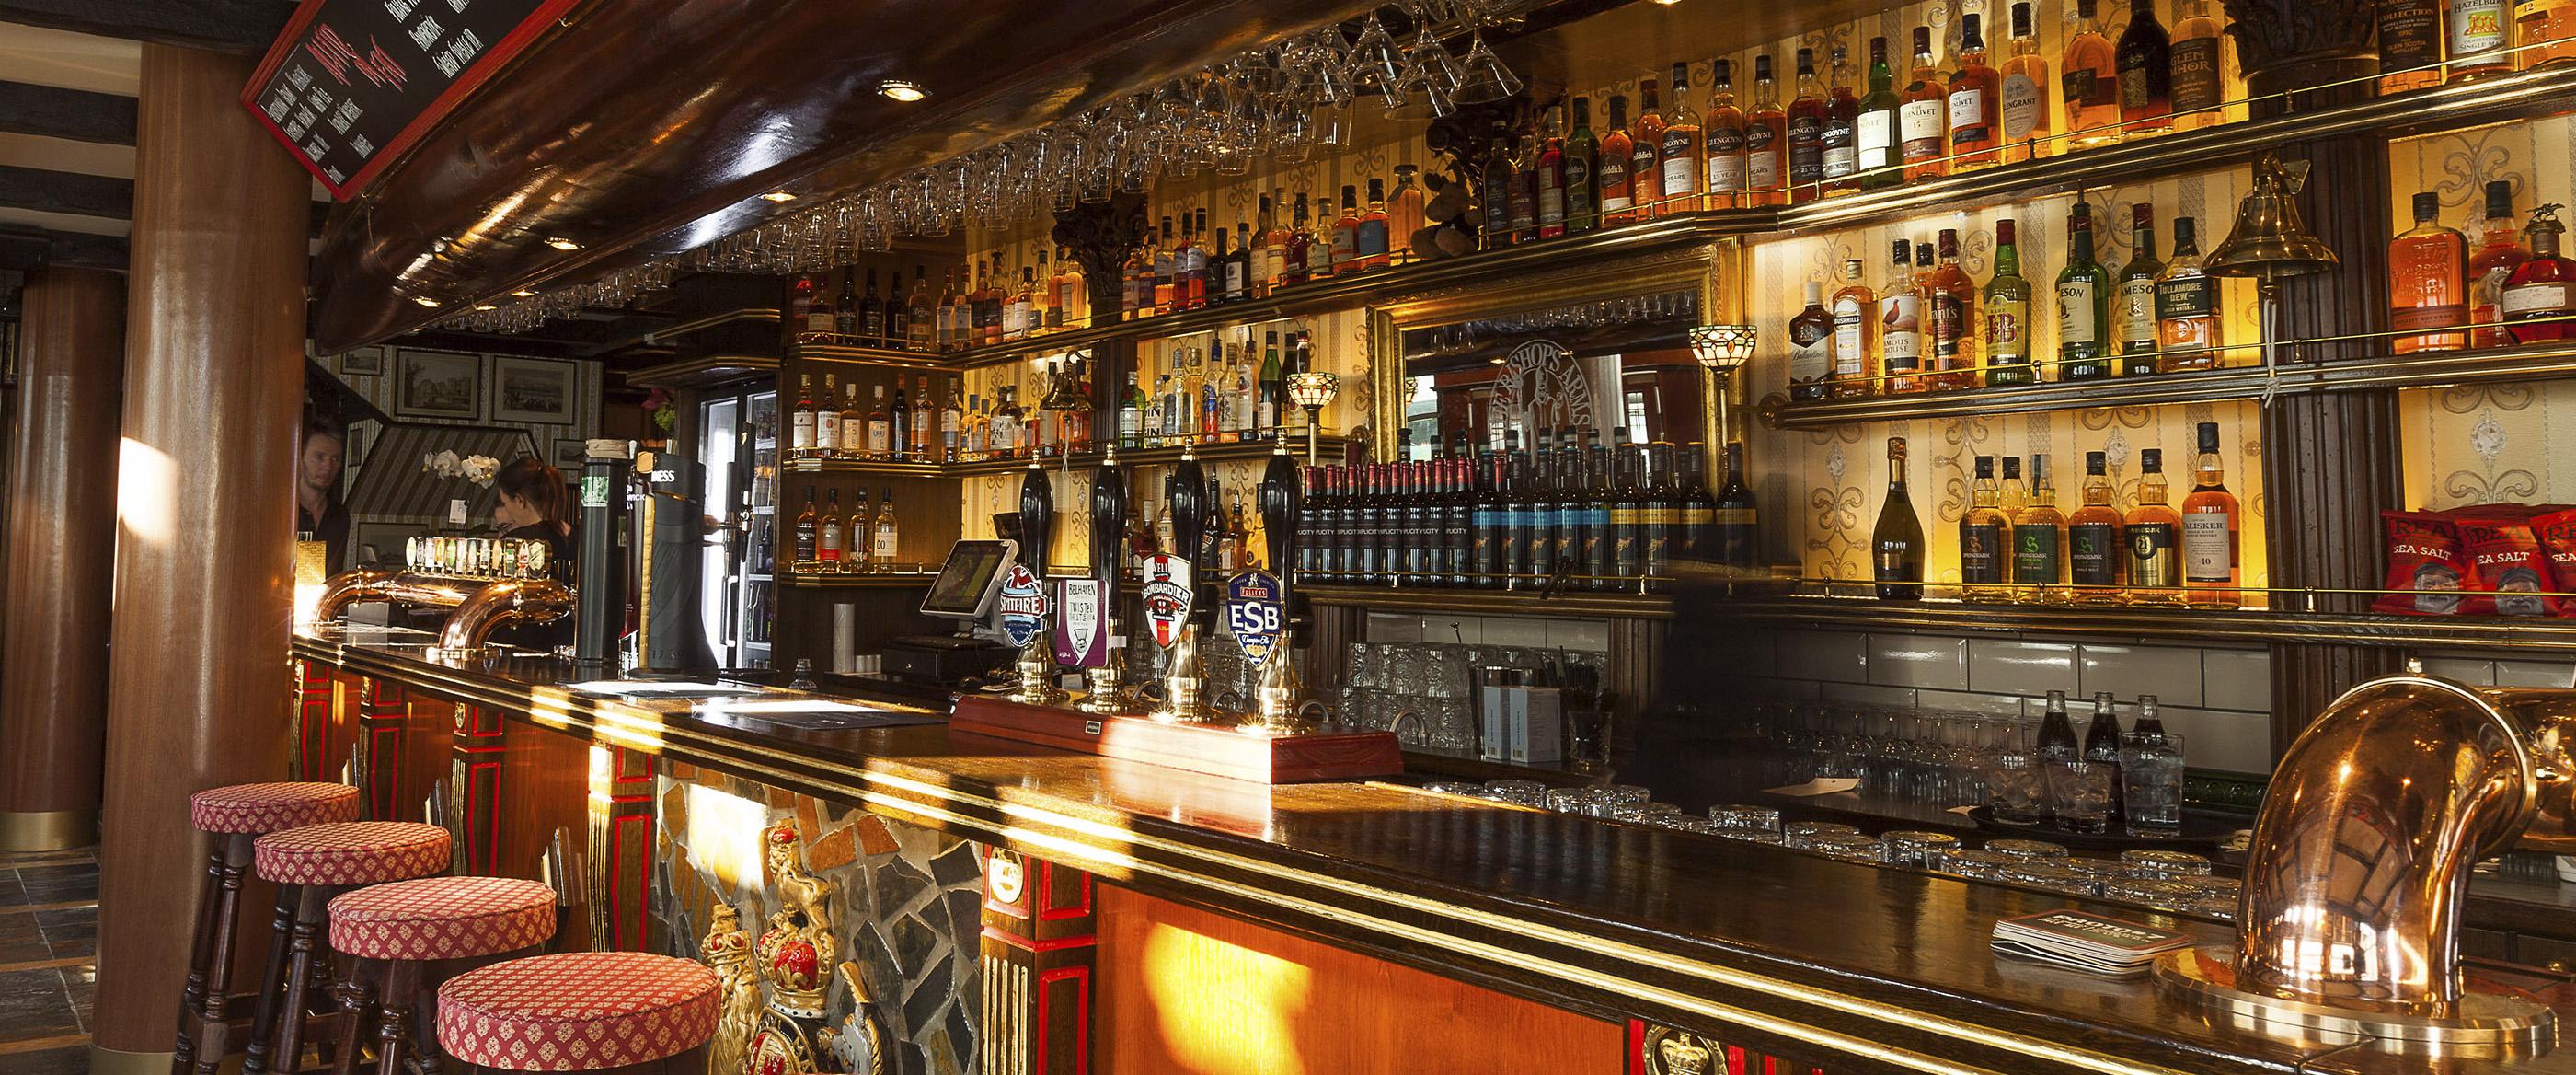 Hotel bishops arms bar